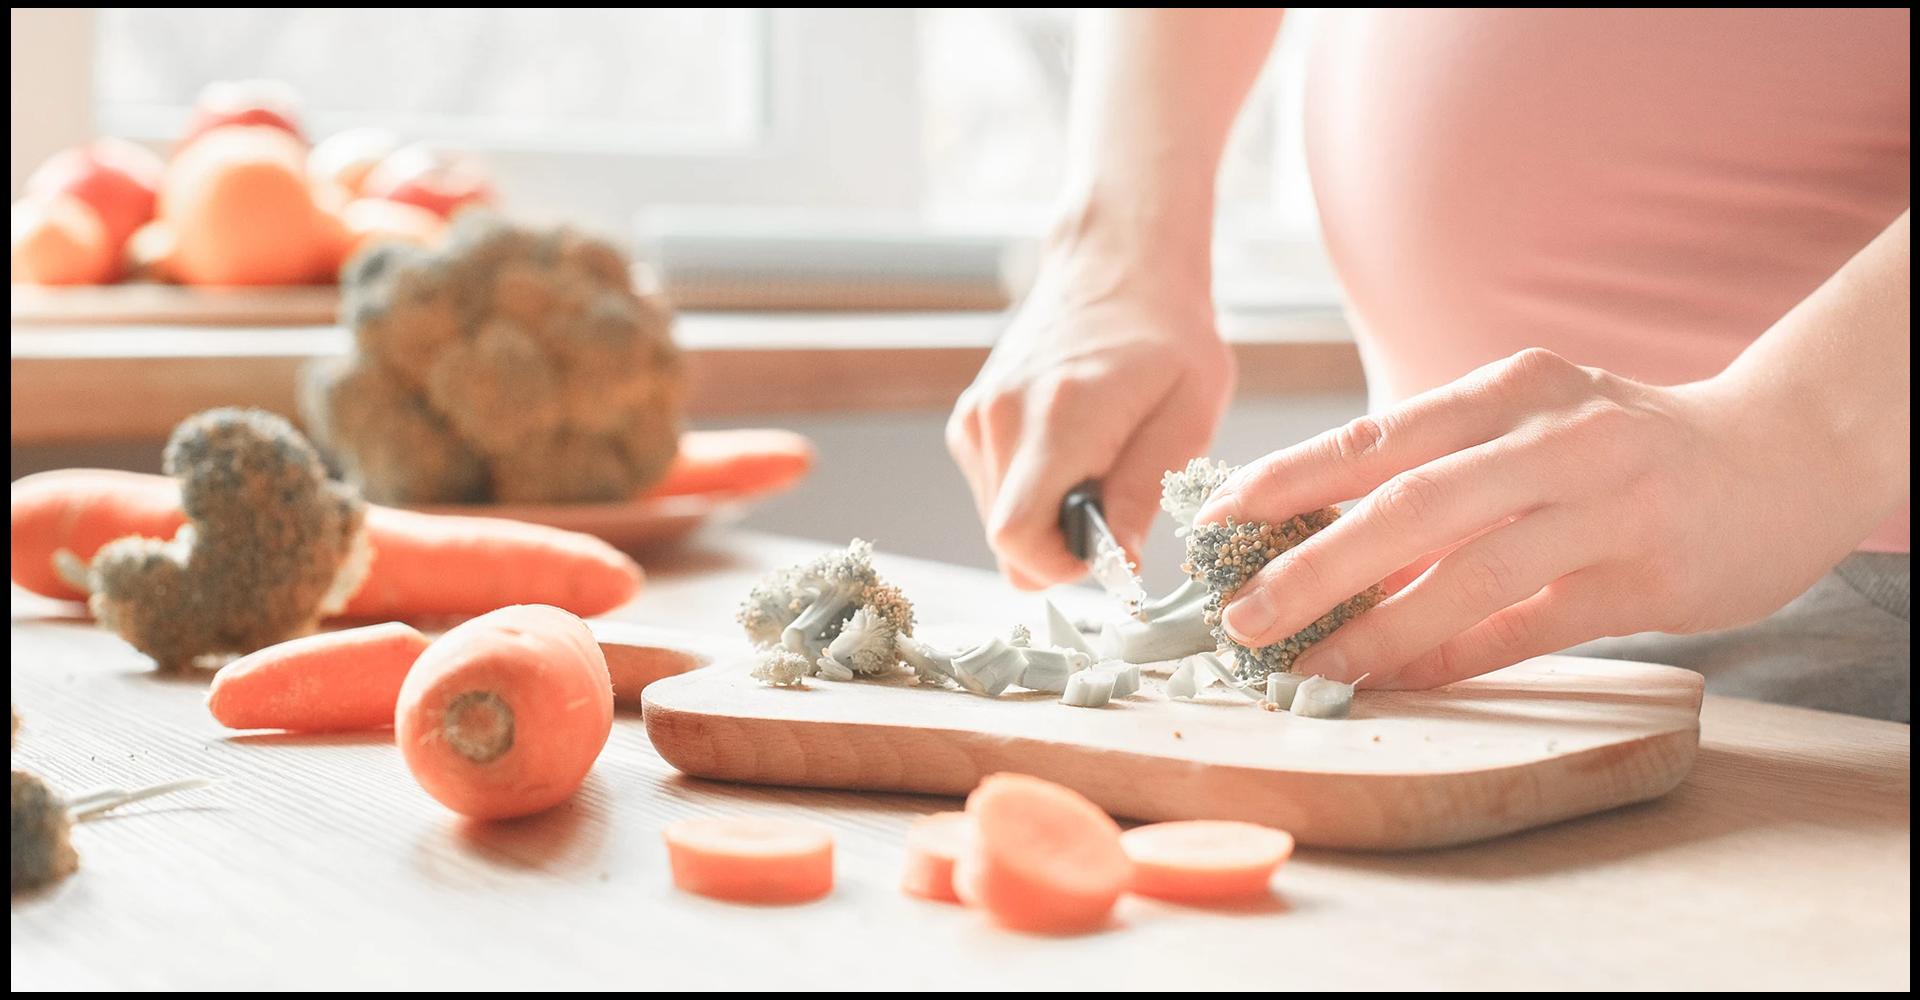 Różnorodna dieta pozwala zaspokoić zapotrzebowanie żywieniowe dziecka i matki